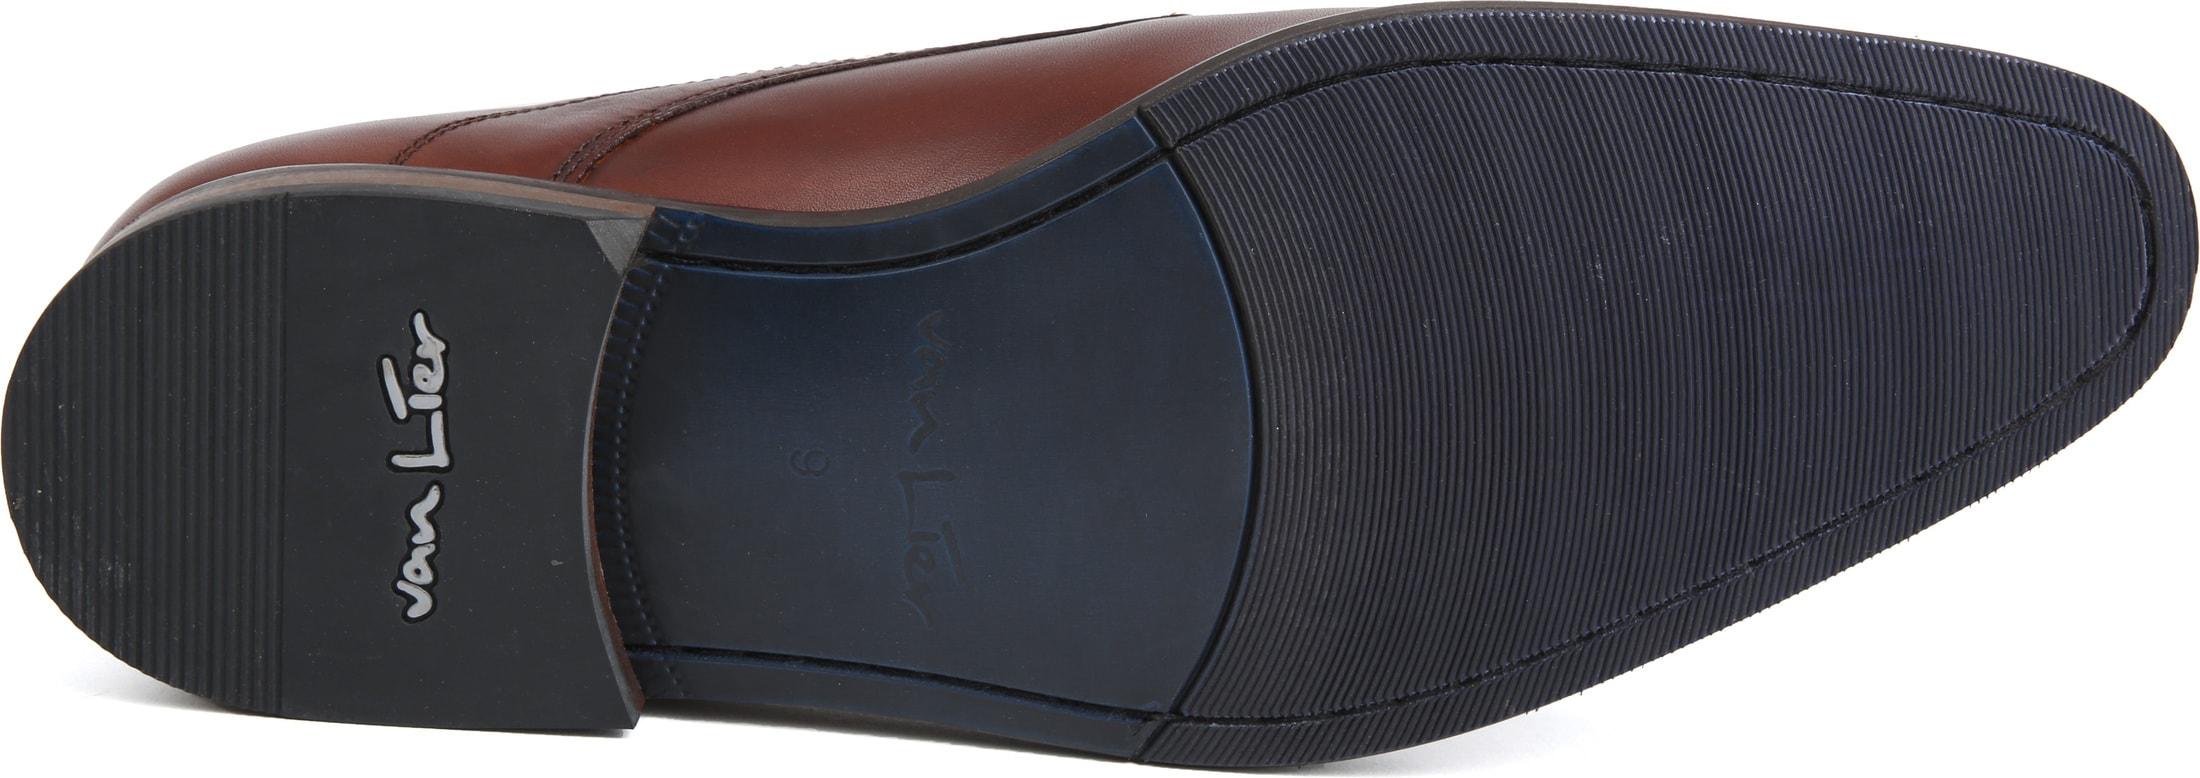 Van Lier Dress Shoes Cognac Lether photo 3